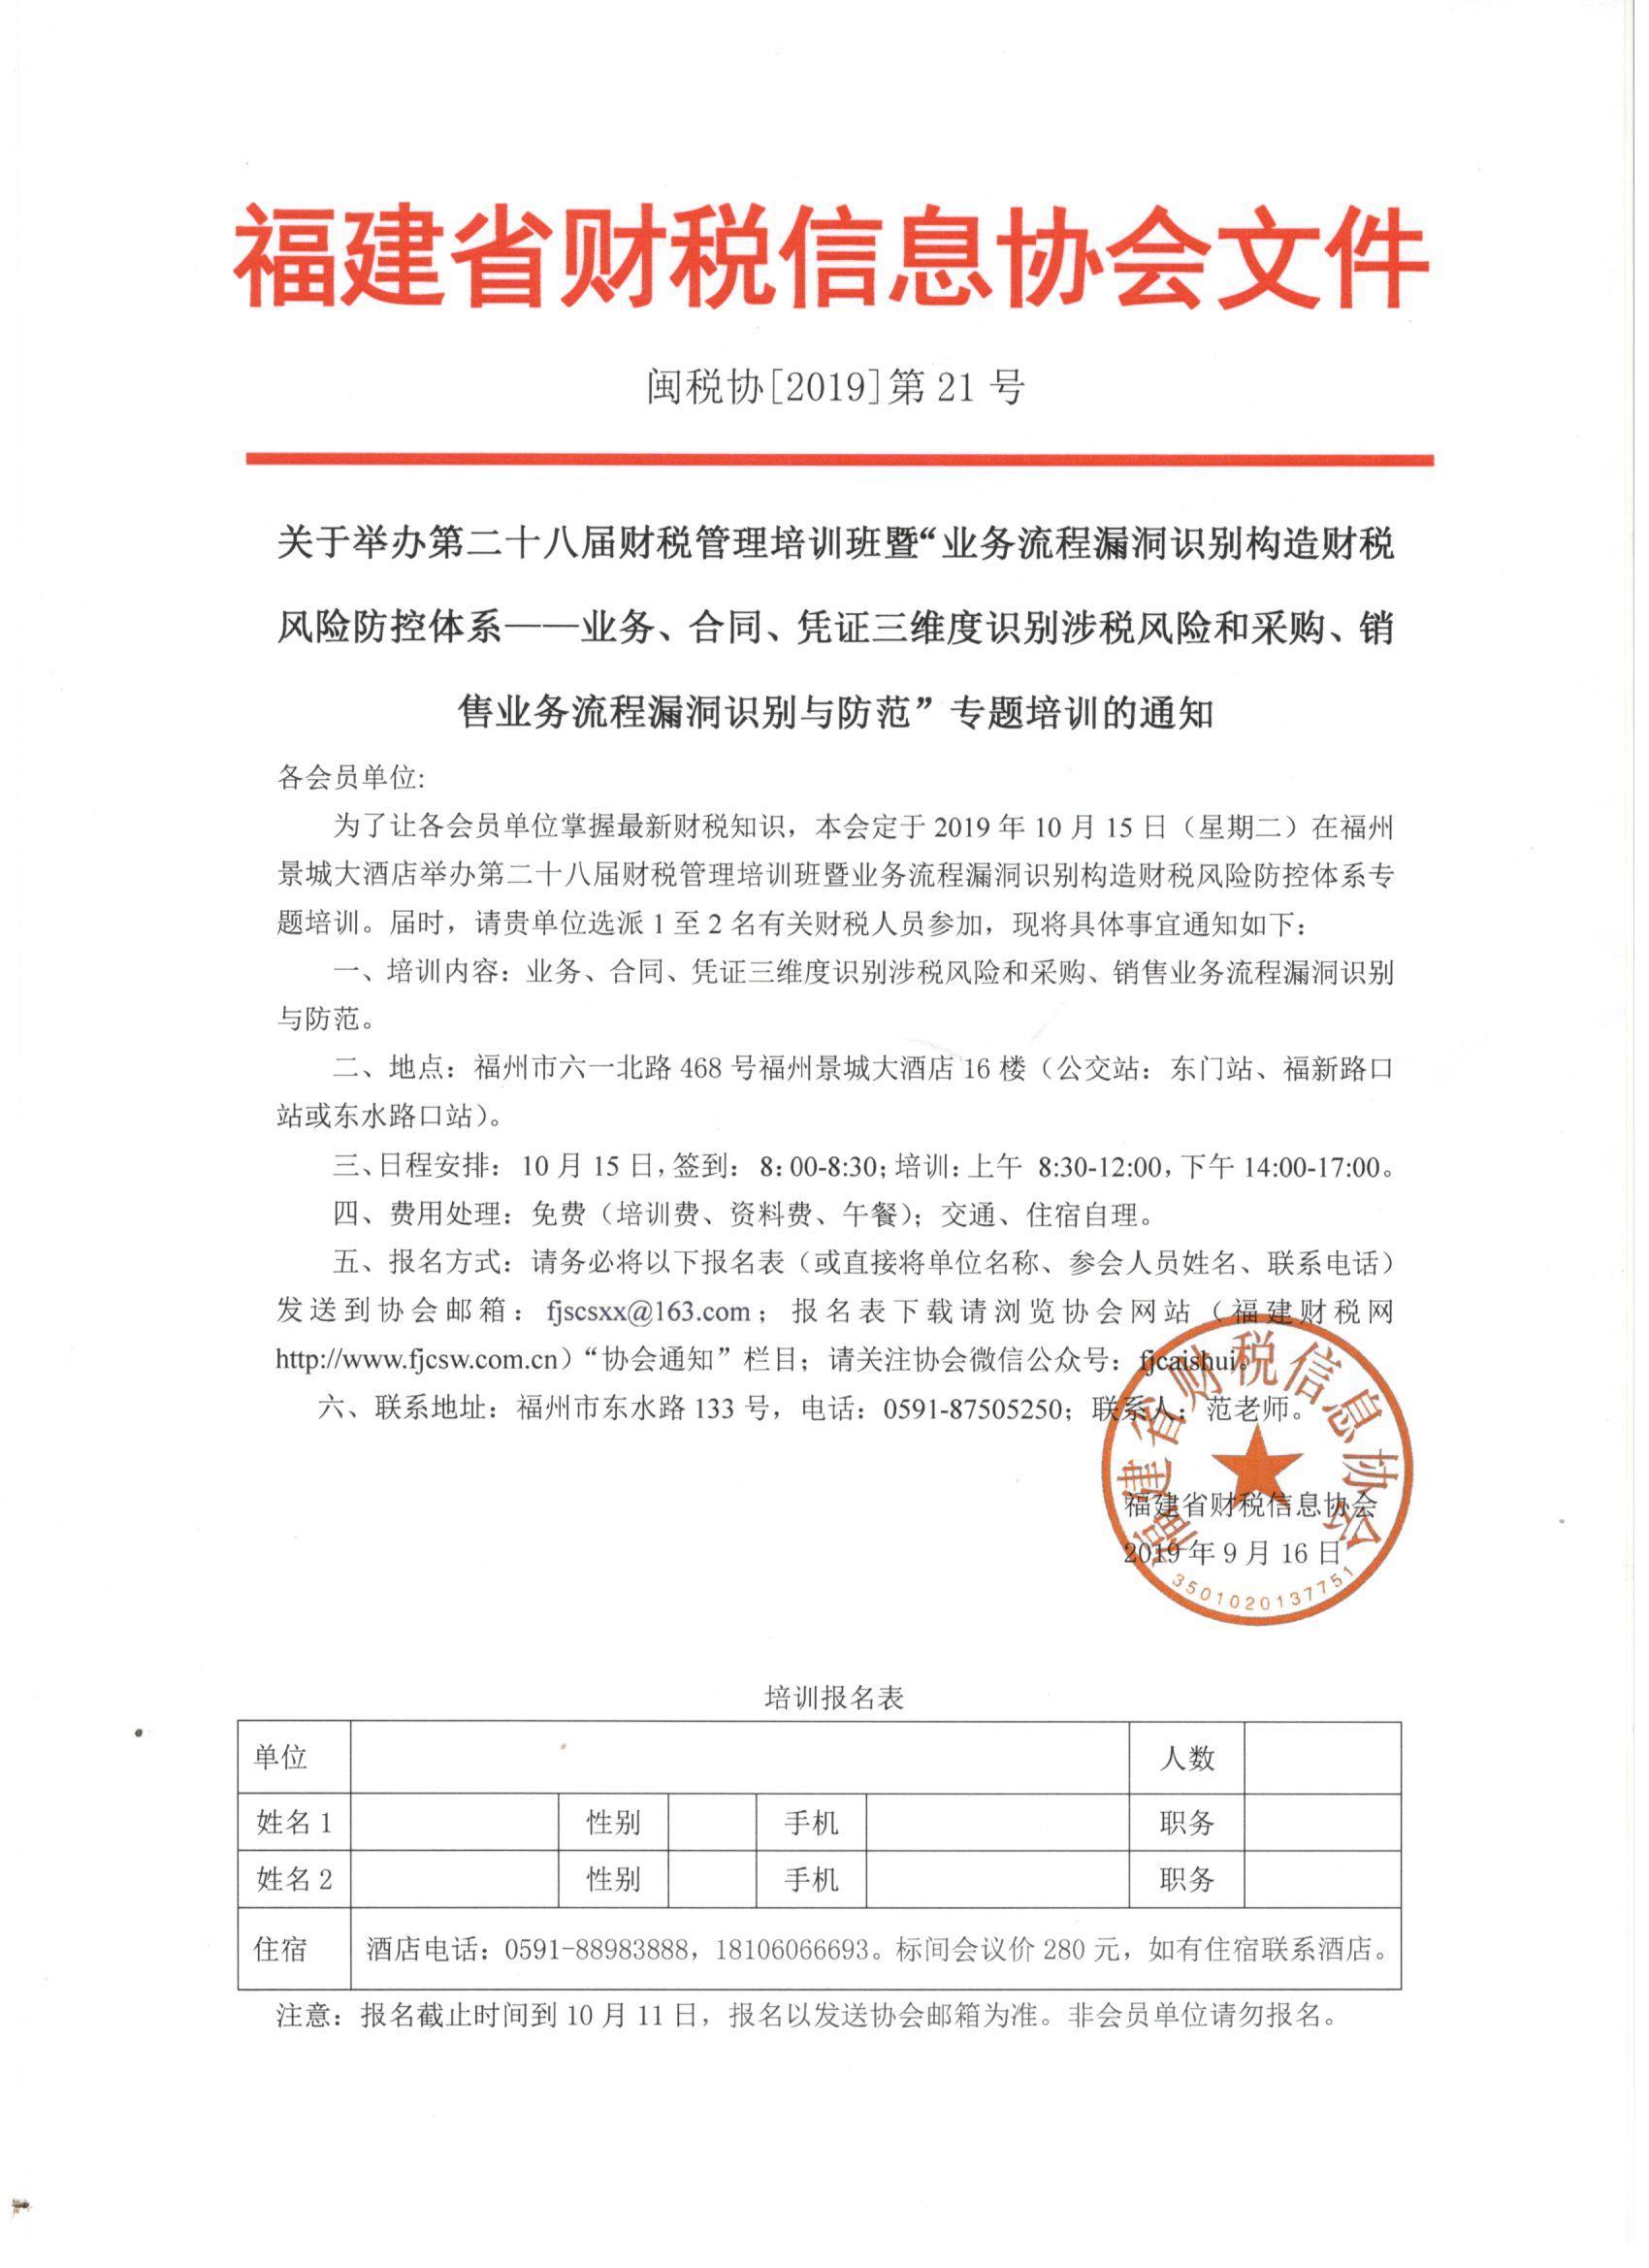 福建省财税信息协会2019年10月15日培训文件.jpg